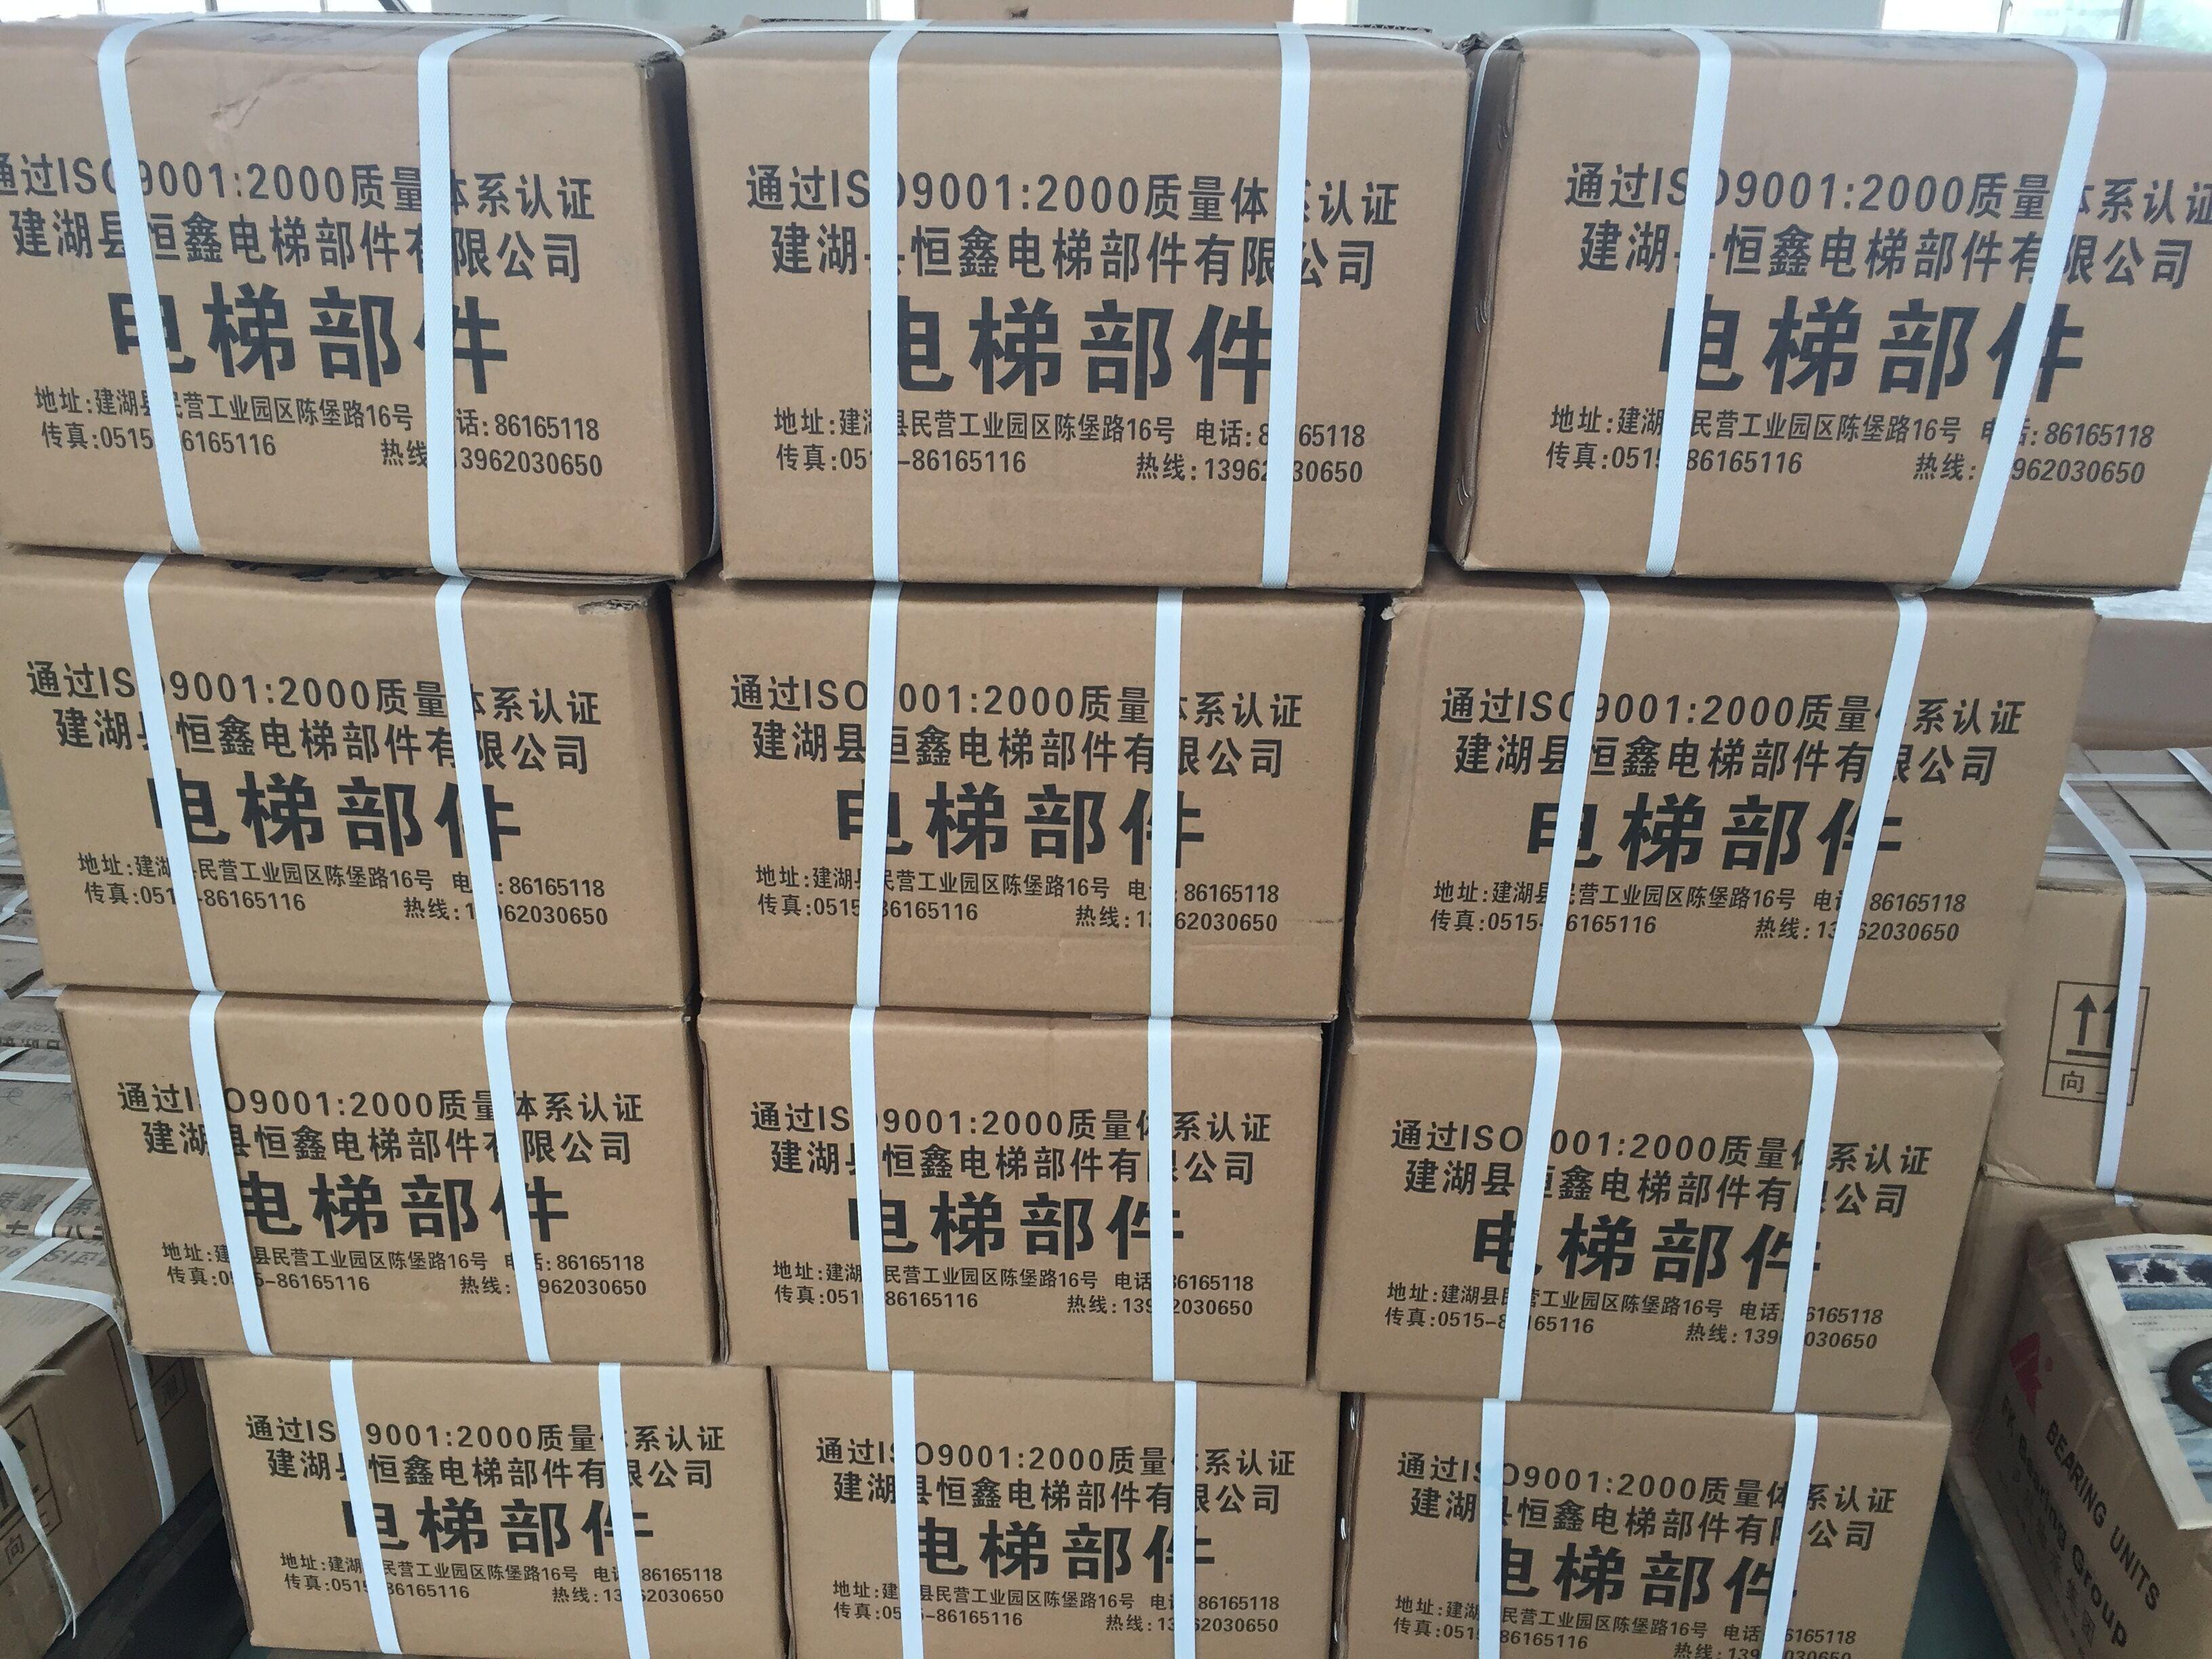 【图文】MC尼龙吸噪声、减震_电梯部件供应